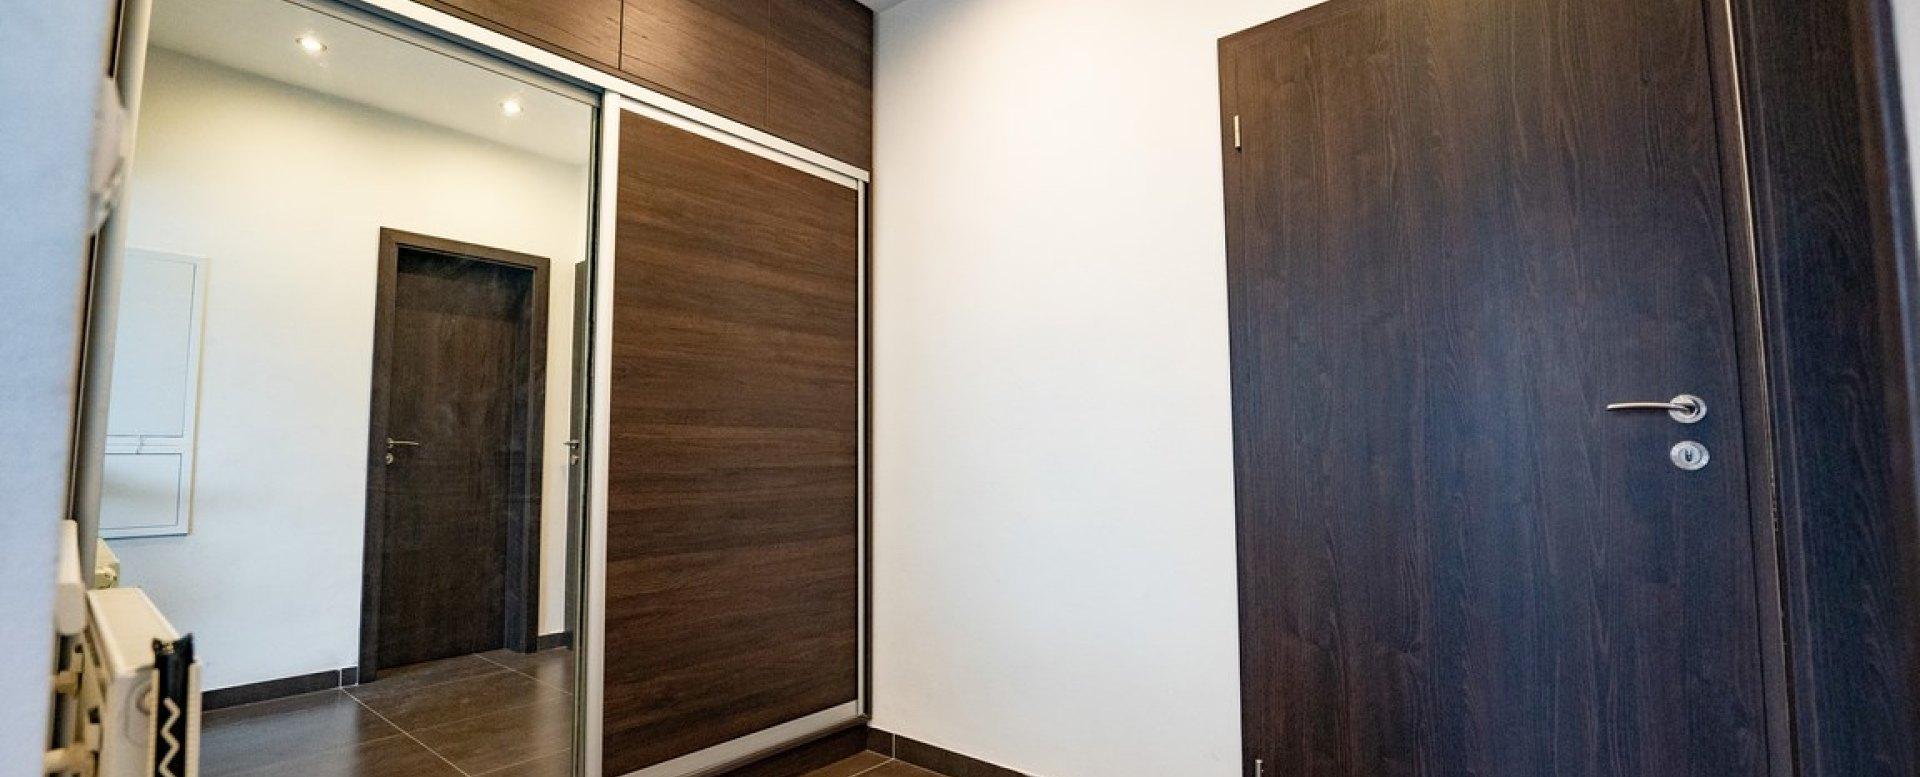 Predsieň, vchodové dvera a vstavaná skriňa v 3-izbovom byte na Botovej v Žiline